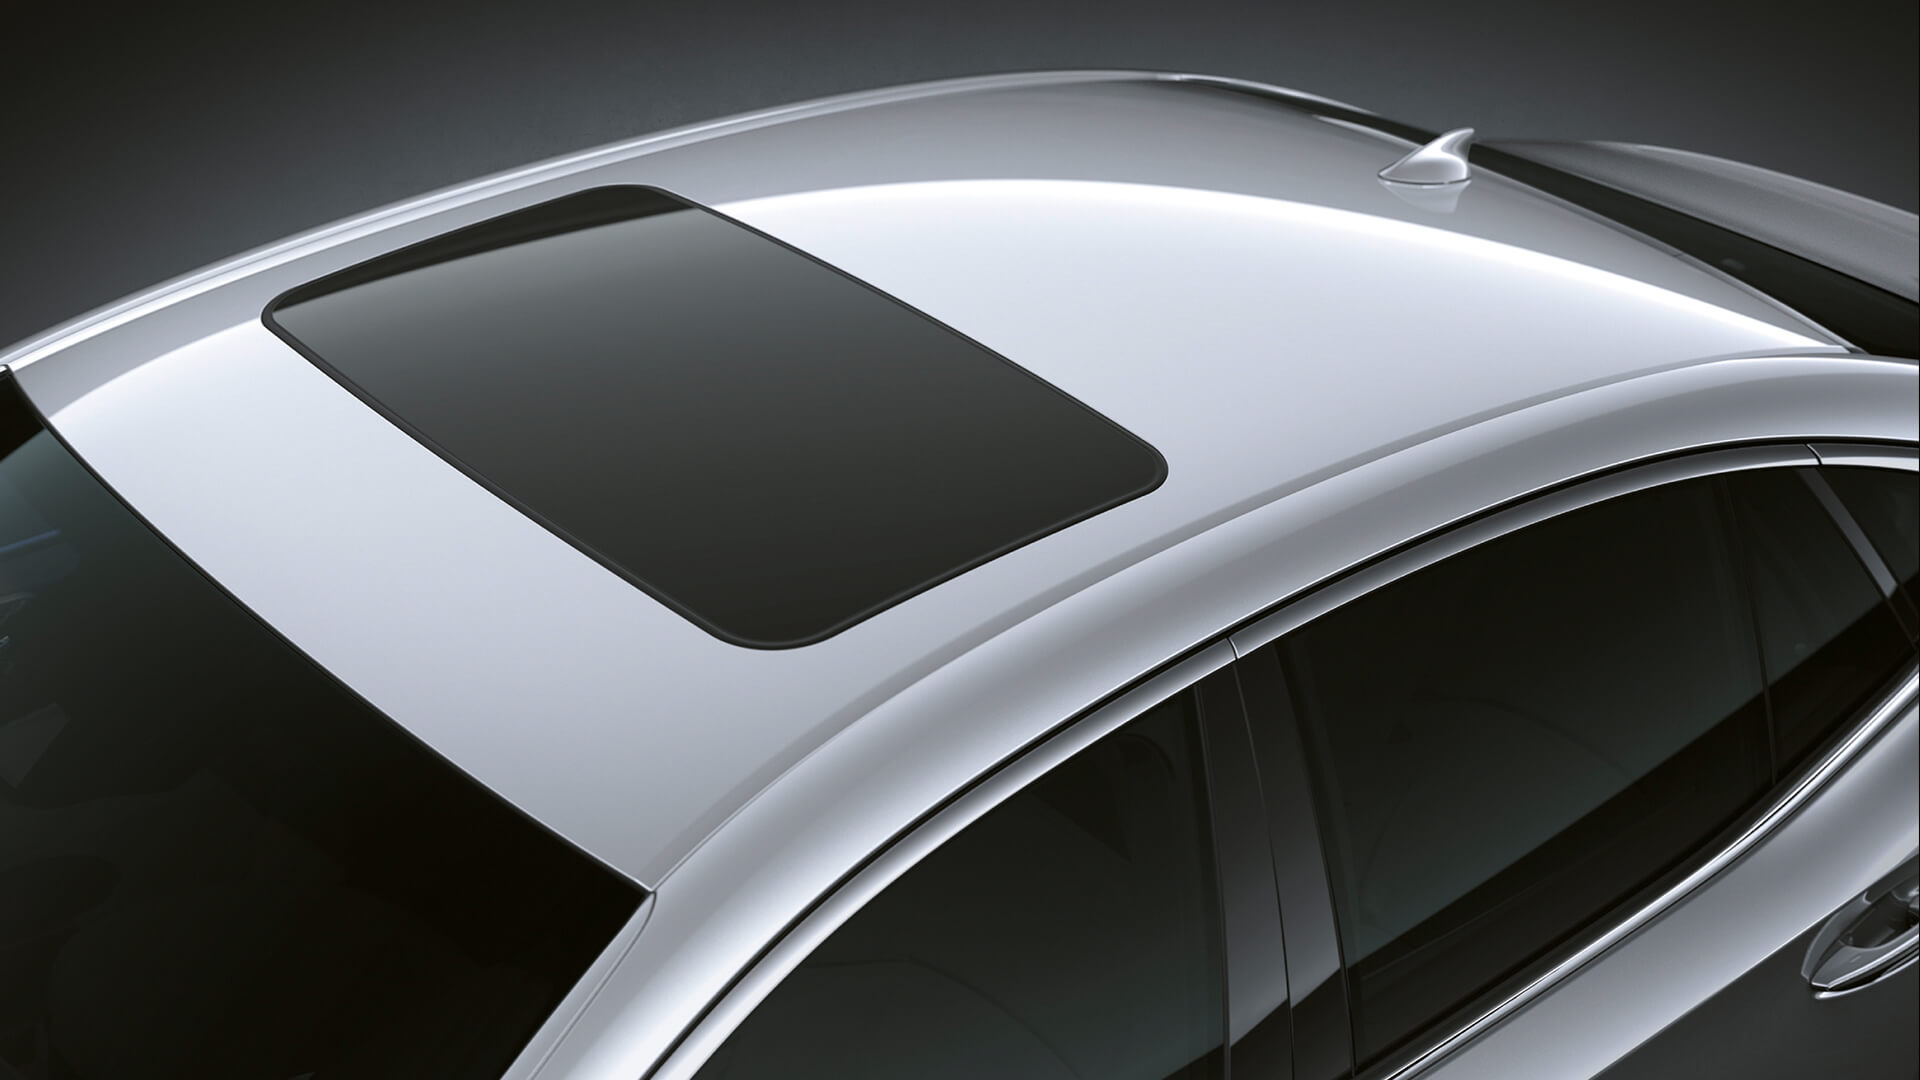 2018 lexus ls features sunroof